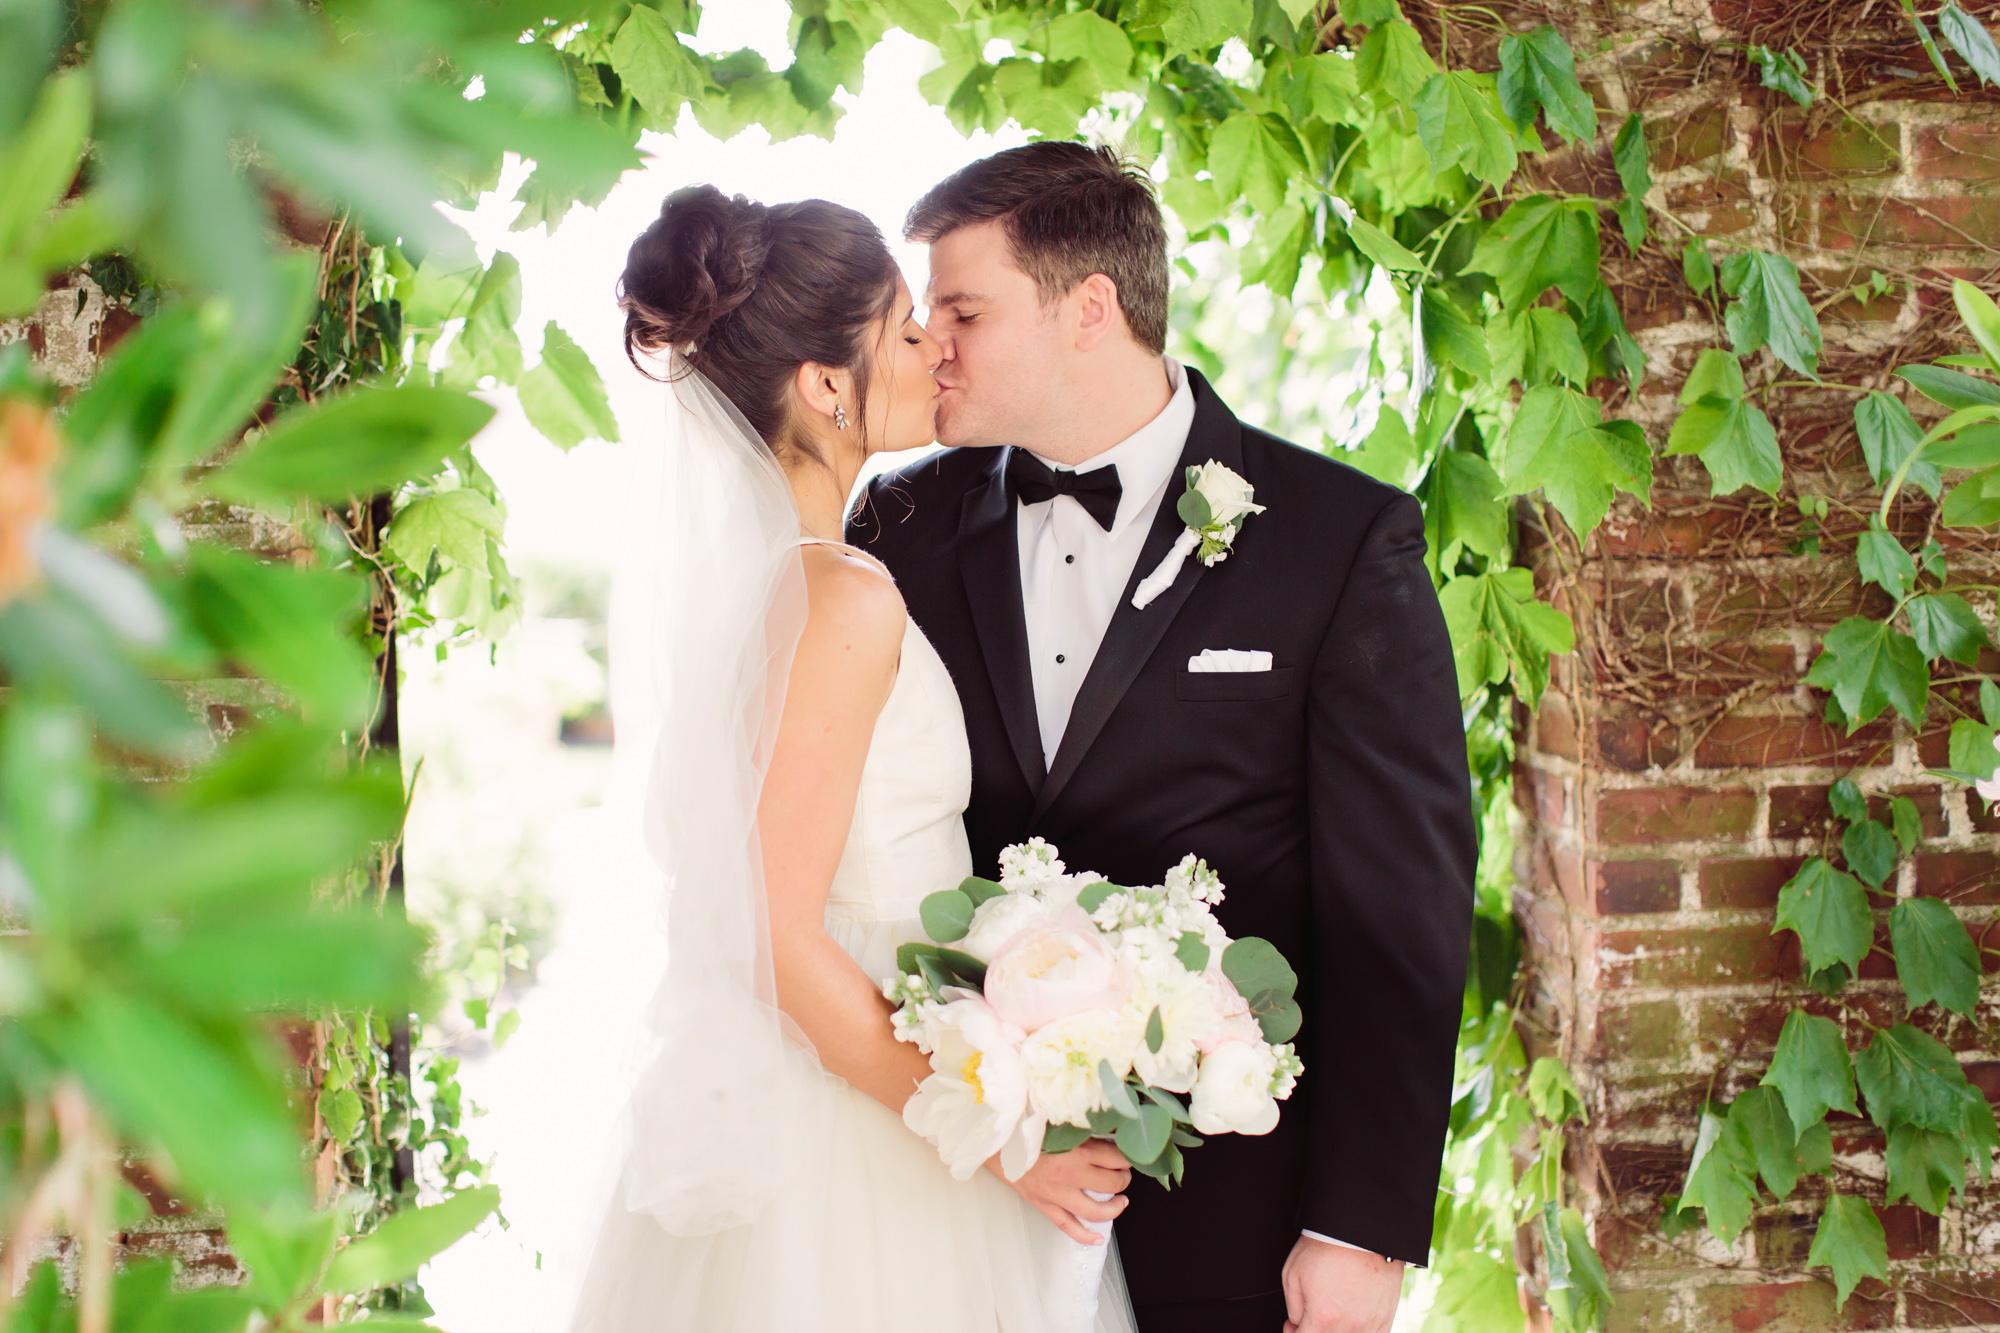 14_Jackie_PJ_Hamilton_Farm_Golf_Club_Wedding_NJ_Tanya_Salazar_Photography_186.jpg